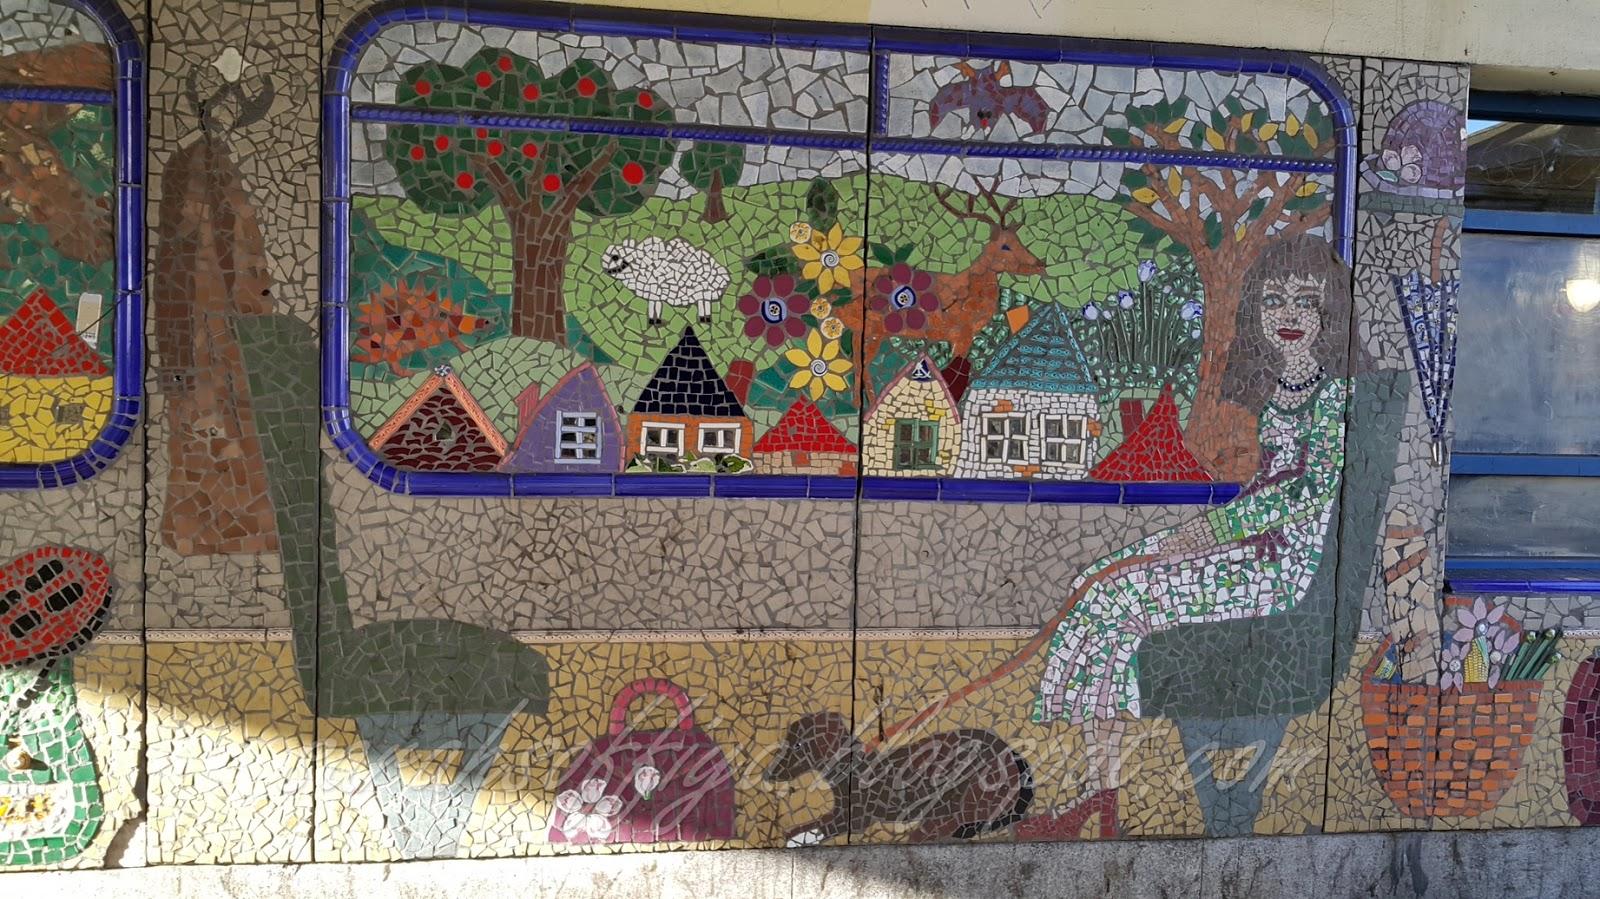 Cerita kembara kami out of order jom jalan london for Mural yang cantik